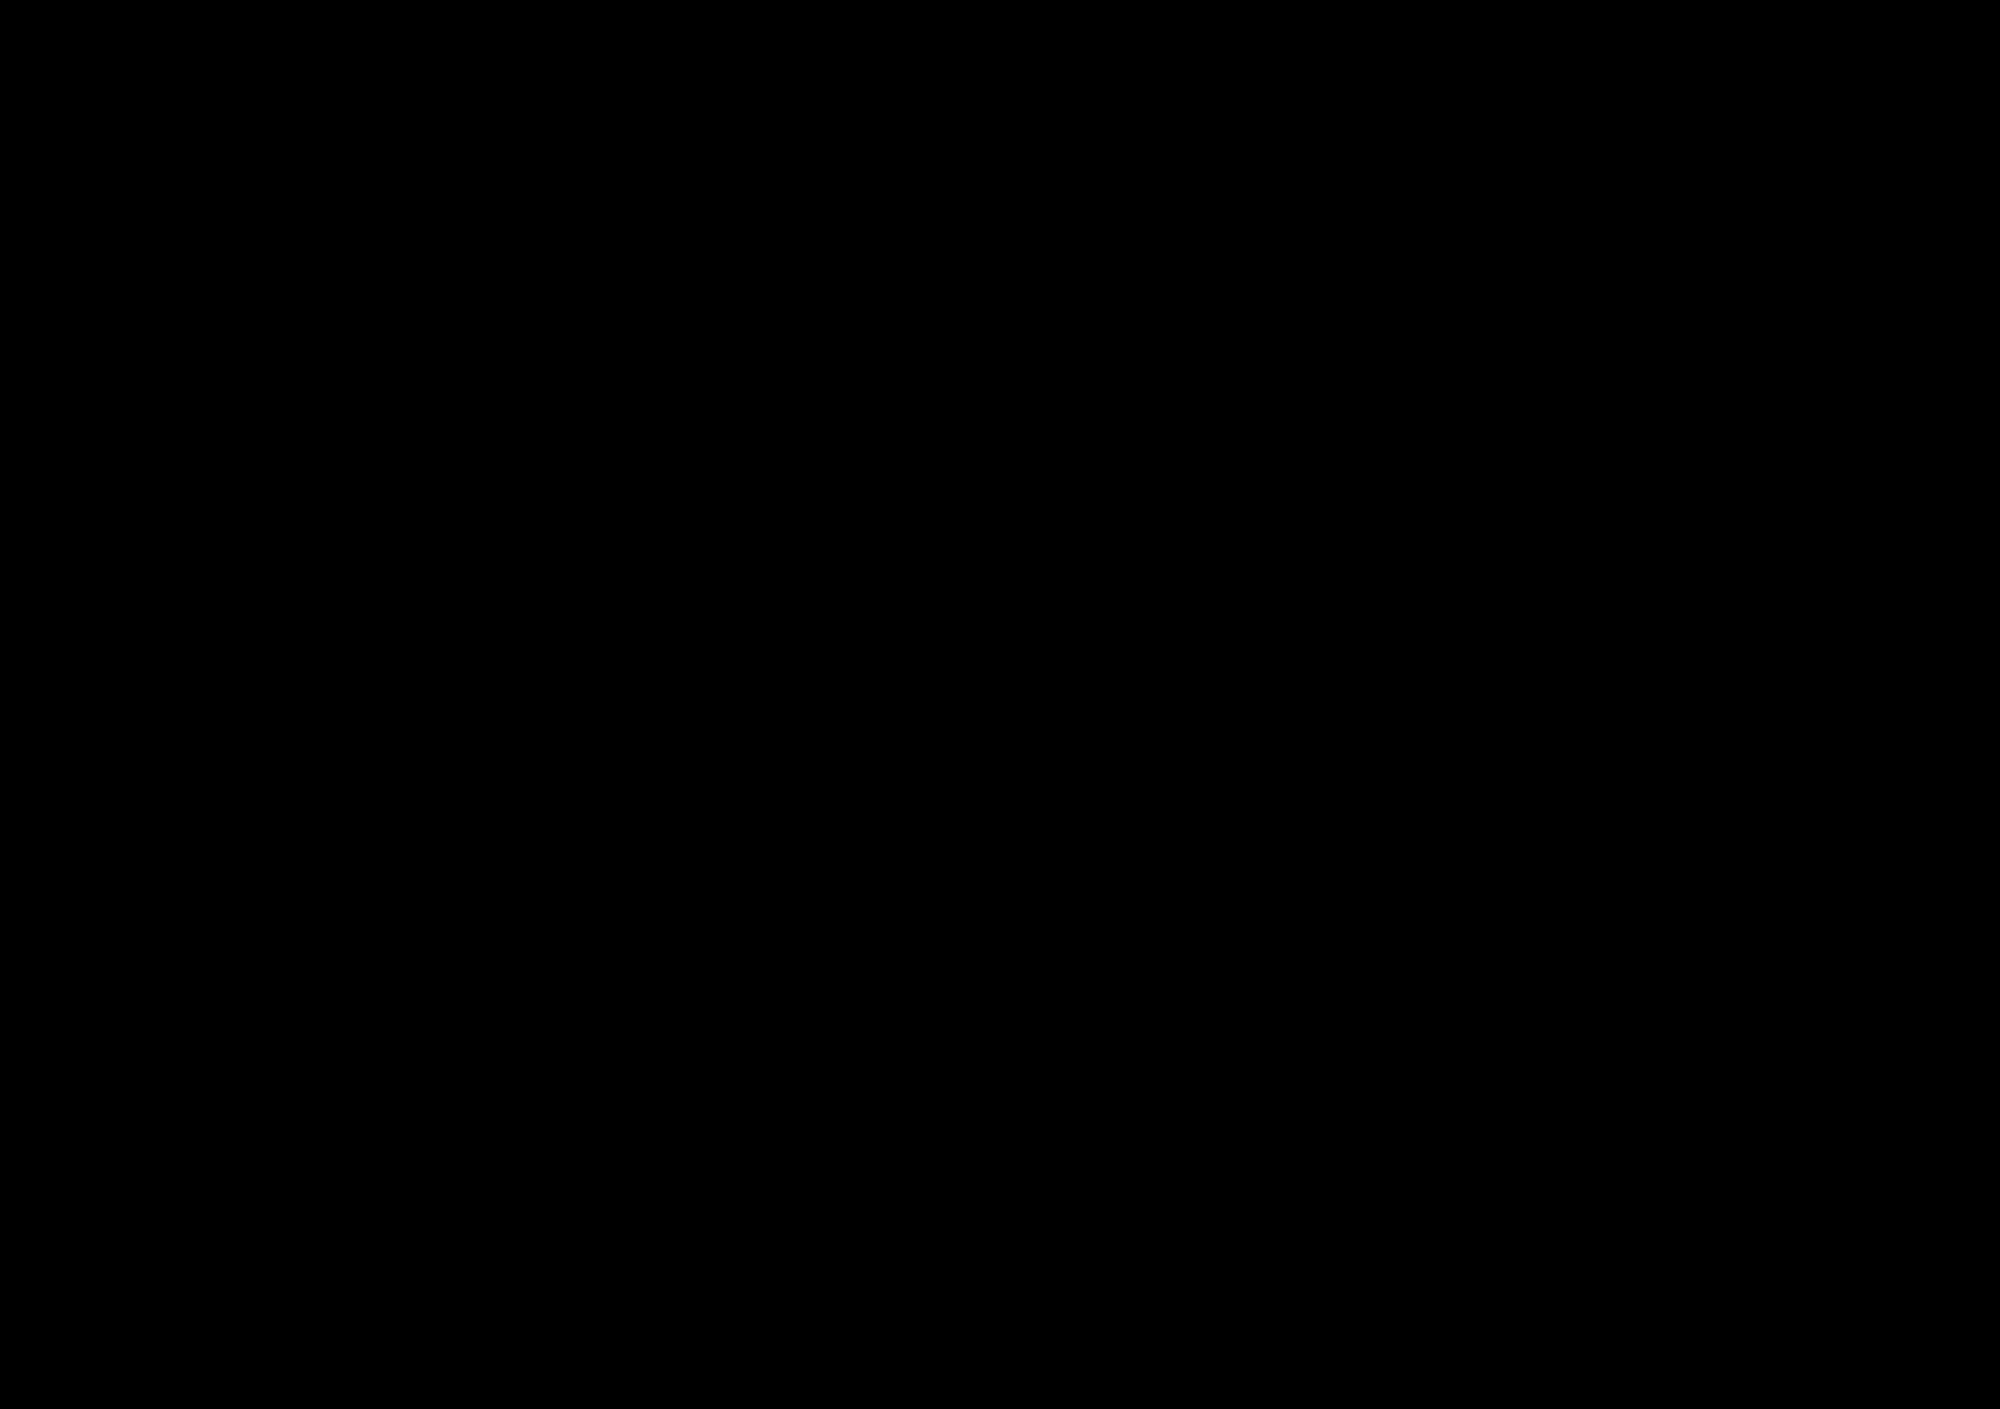 Hytteleverandører-logo-black.png